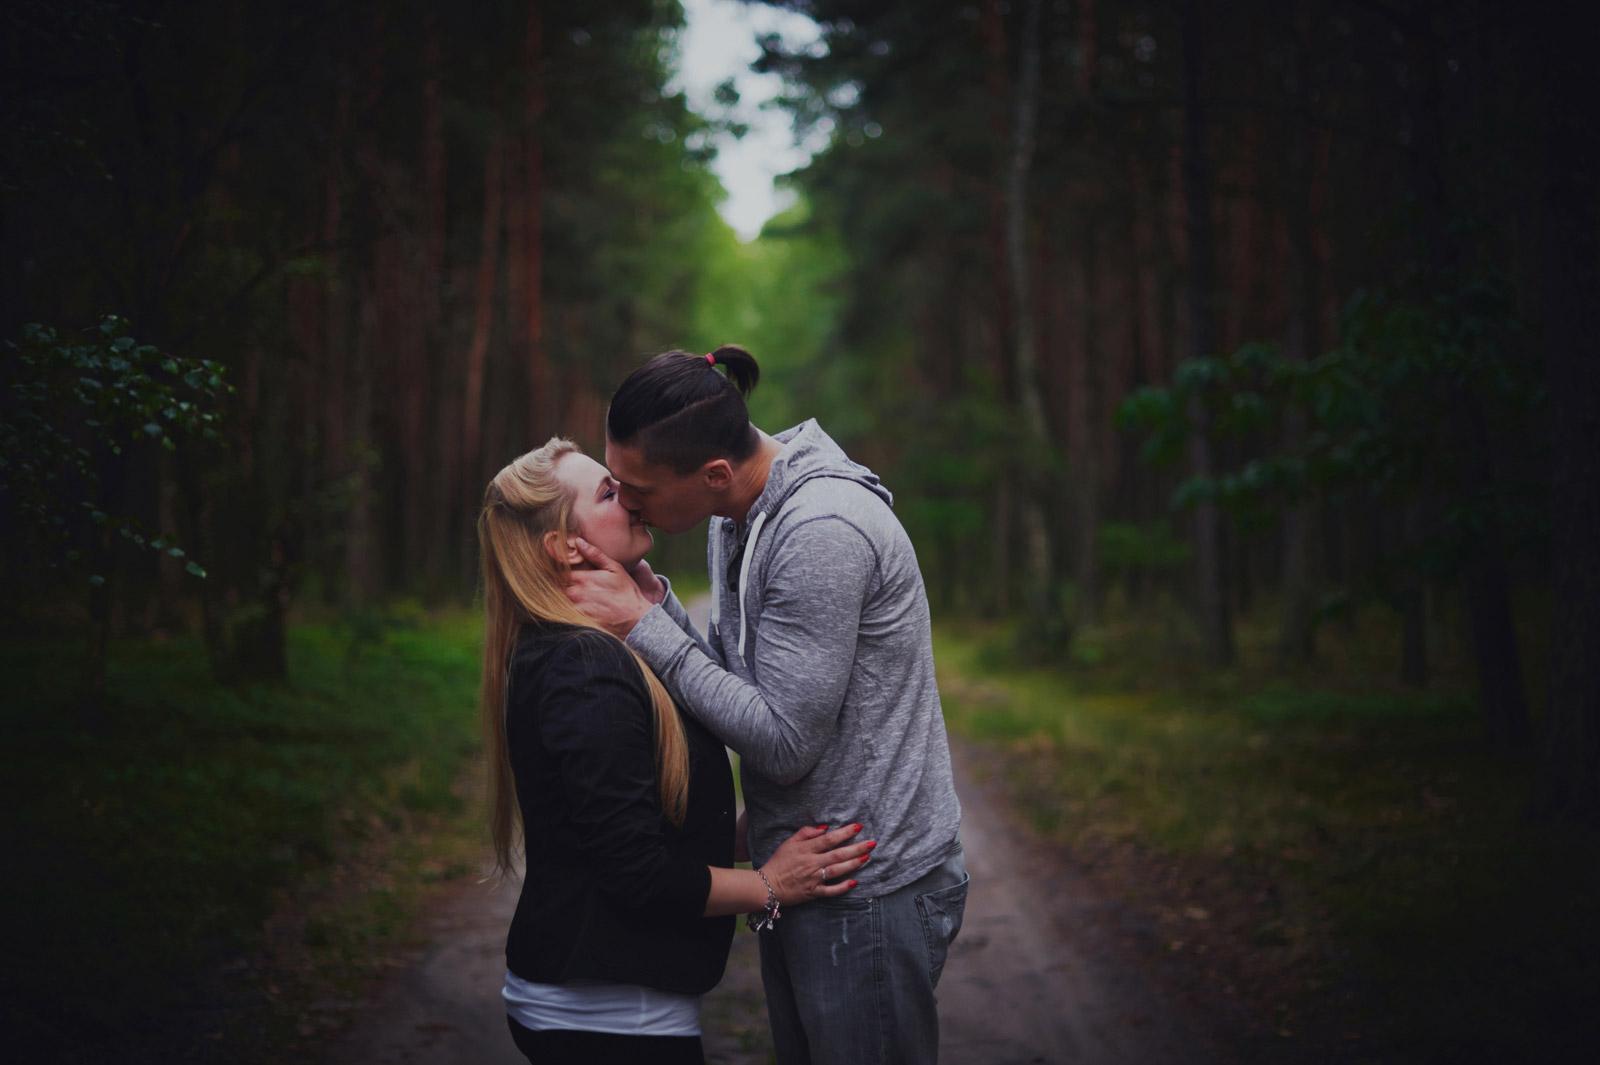 fotografia-slubna_paparazzo-pl_wd-45